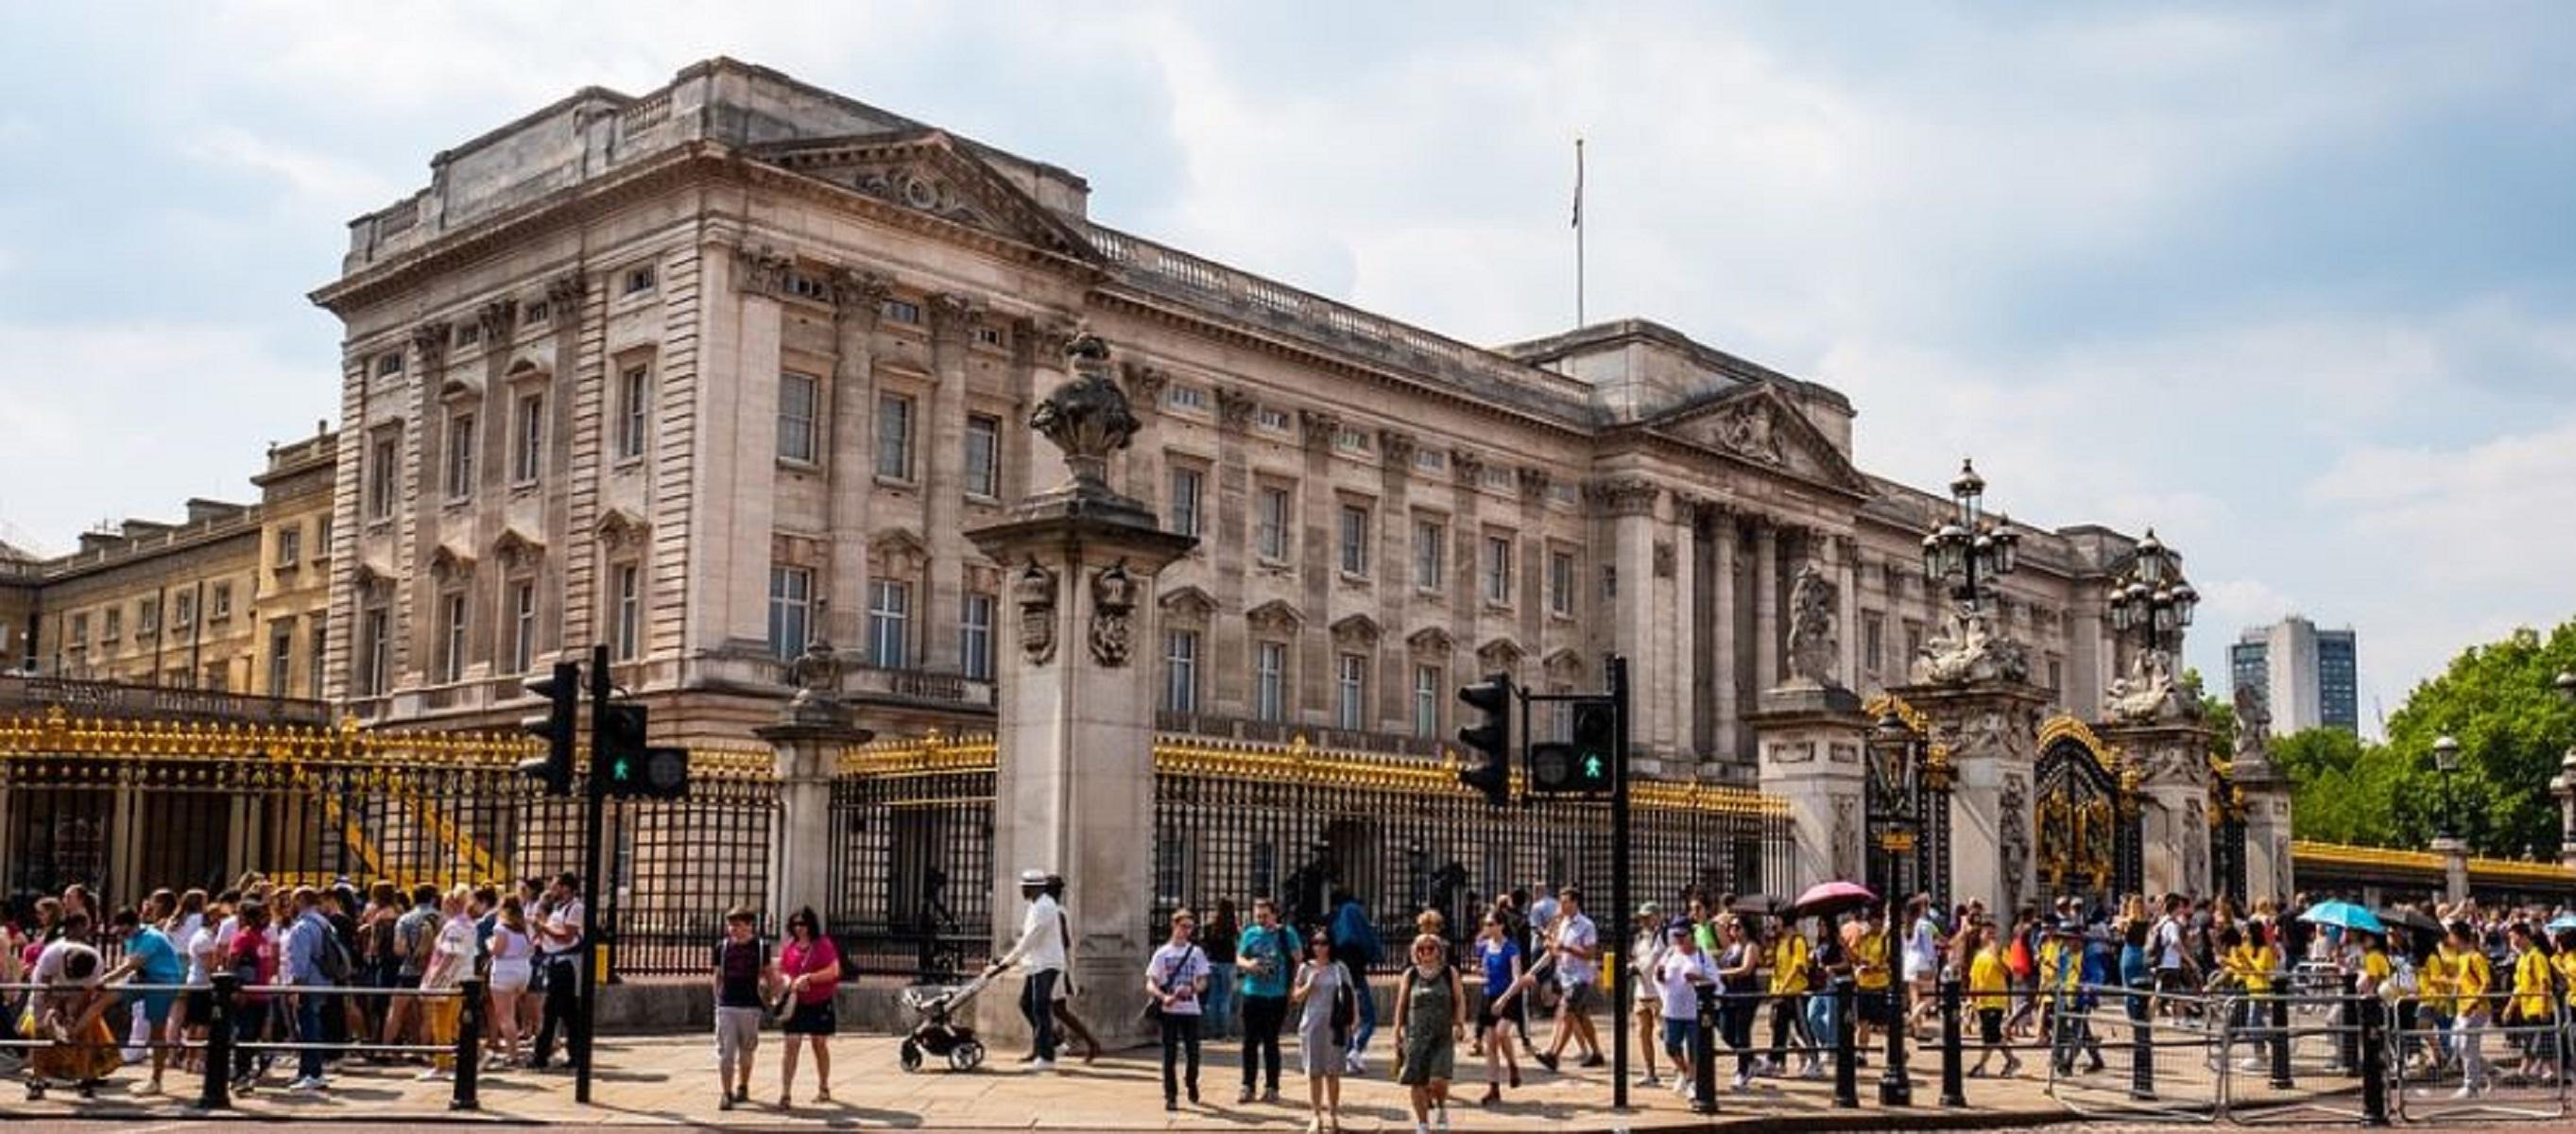 Buckingham Palace, come visitare le stanze segrete della Regina